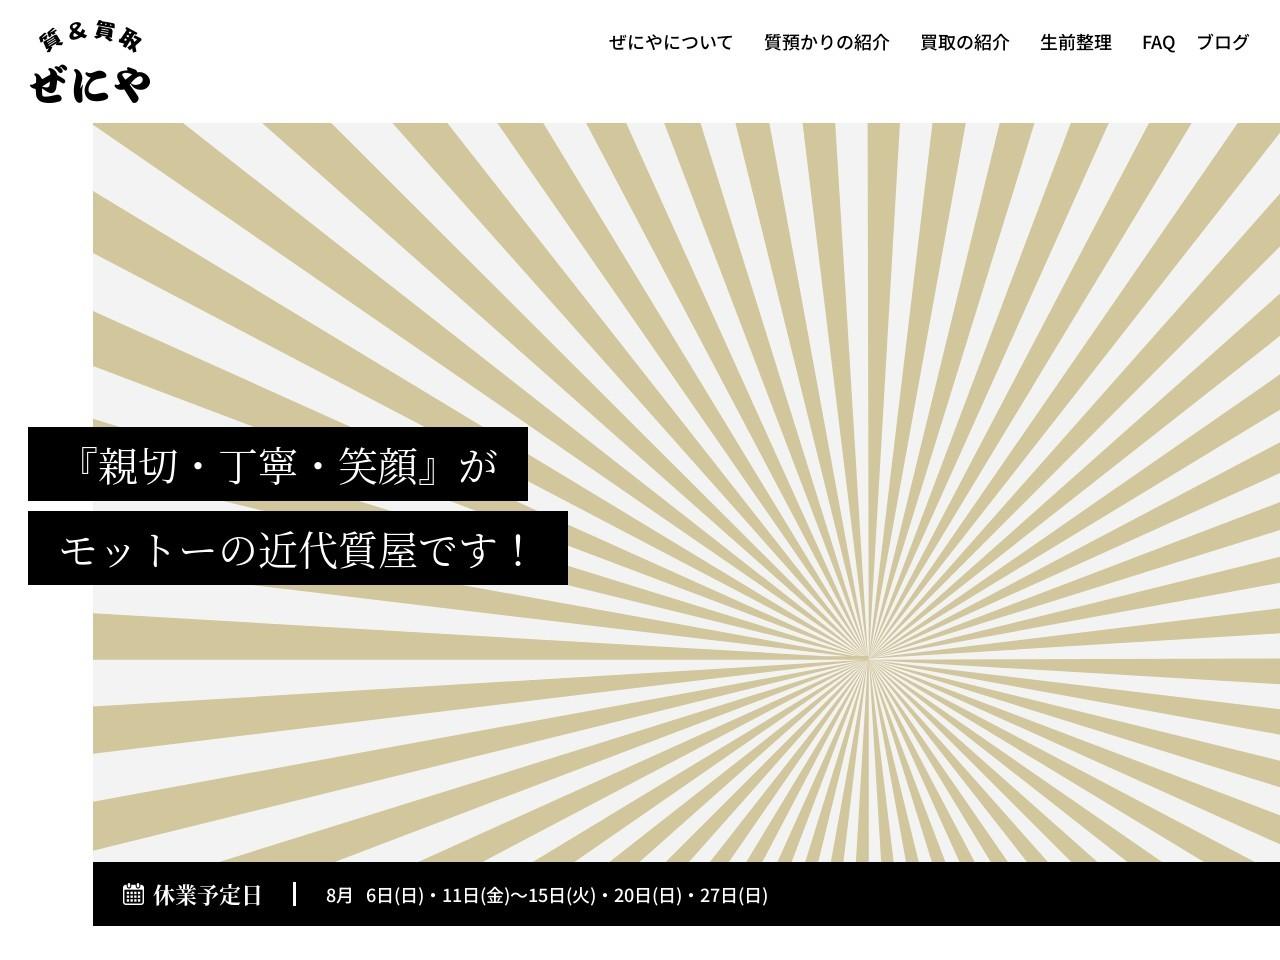 岡山の質屋・宝石店・リサイクル・ブランド買取 株式会社ぜにや(Bright Jewelry オオタカ)